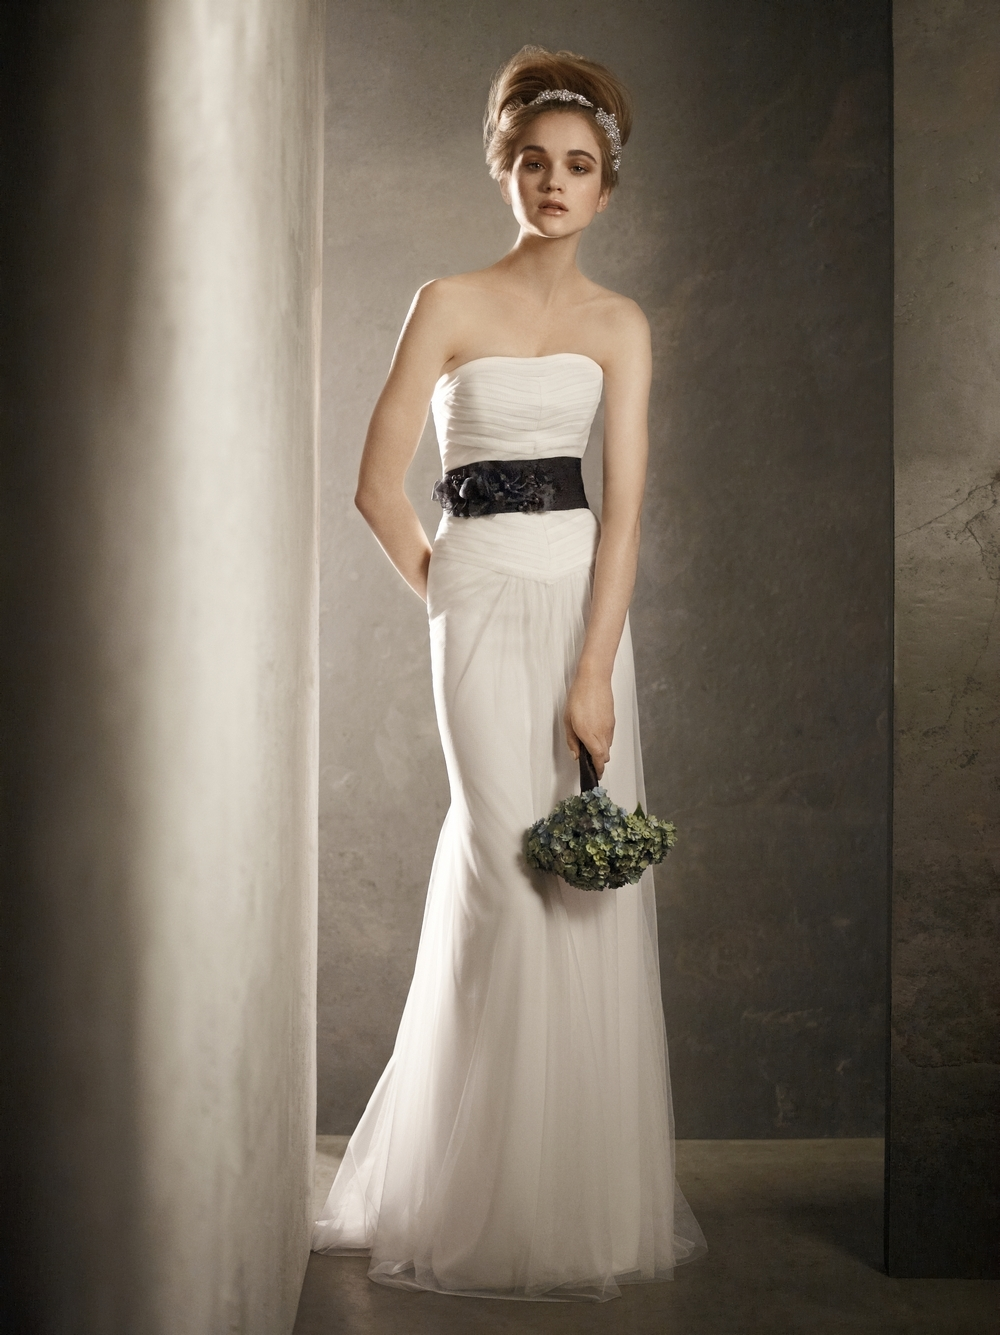 2011-wedding-dresses-vera-wang-white-vw351004-white-strapless-modified-mermaid-gown-black-bridal-belt.full